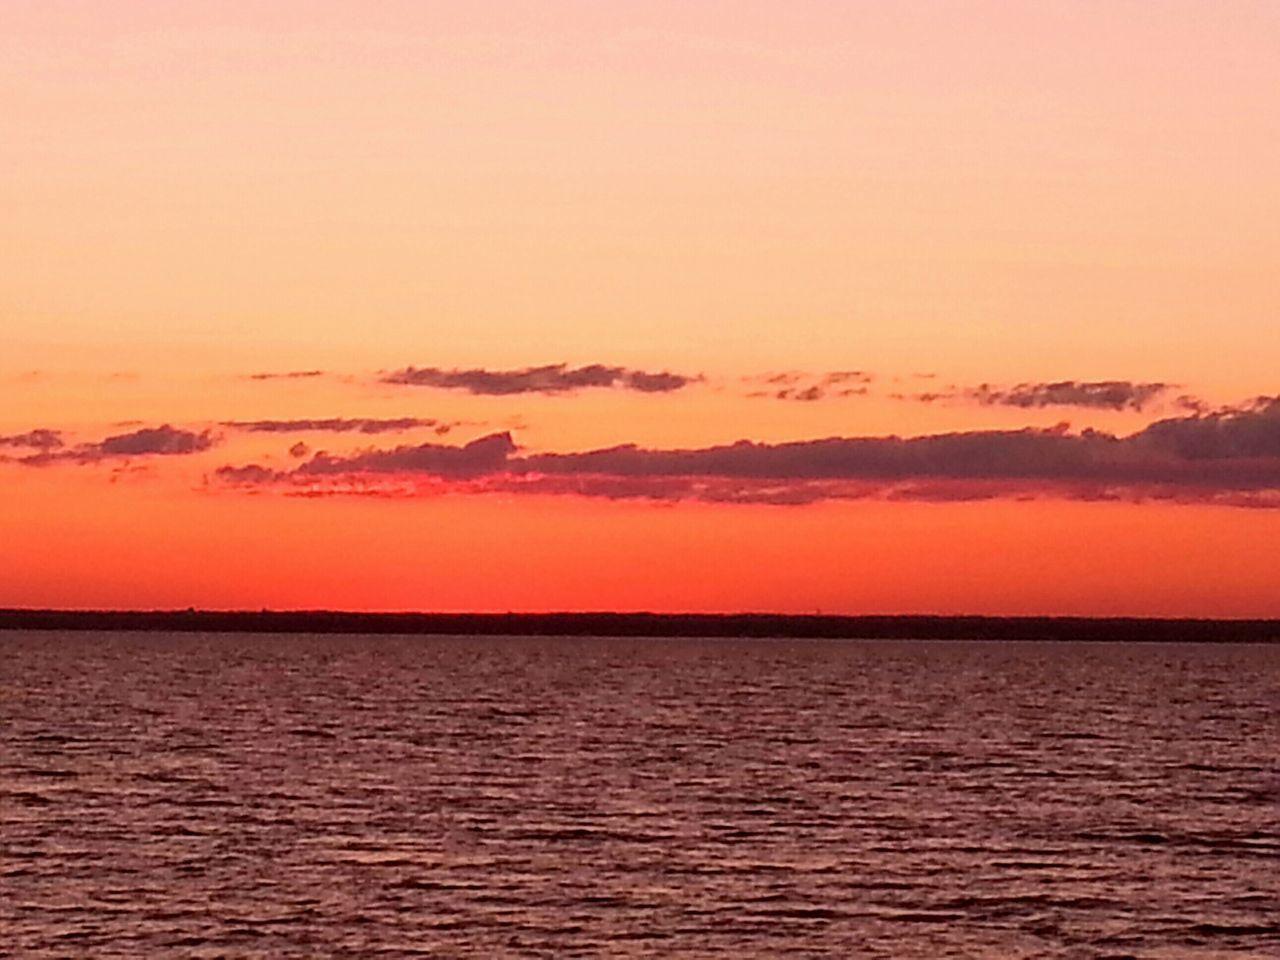 One July Day Sunset Orange Sky Horizon Hues Seascape Enjoying Life New York